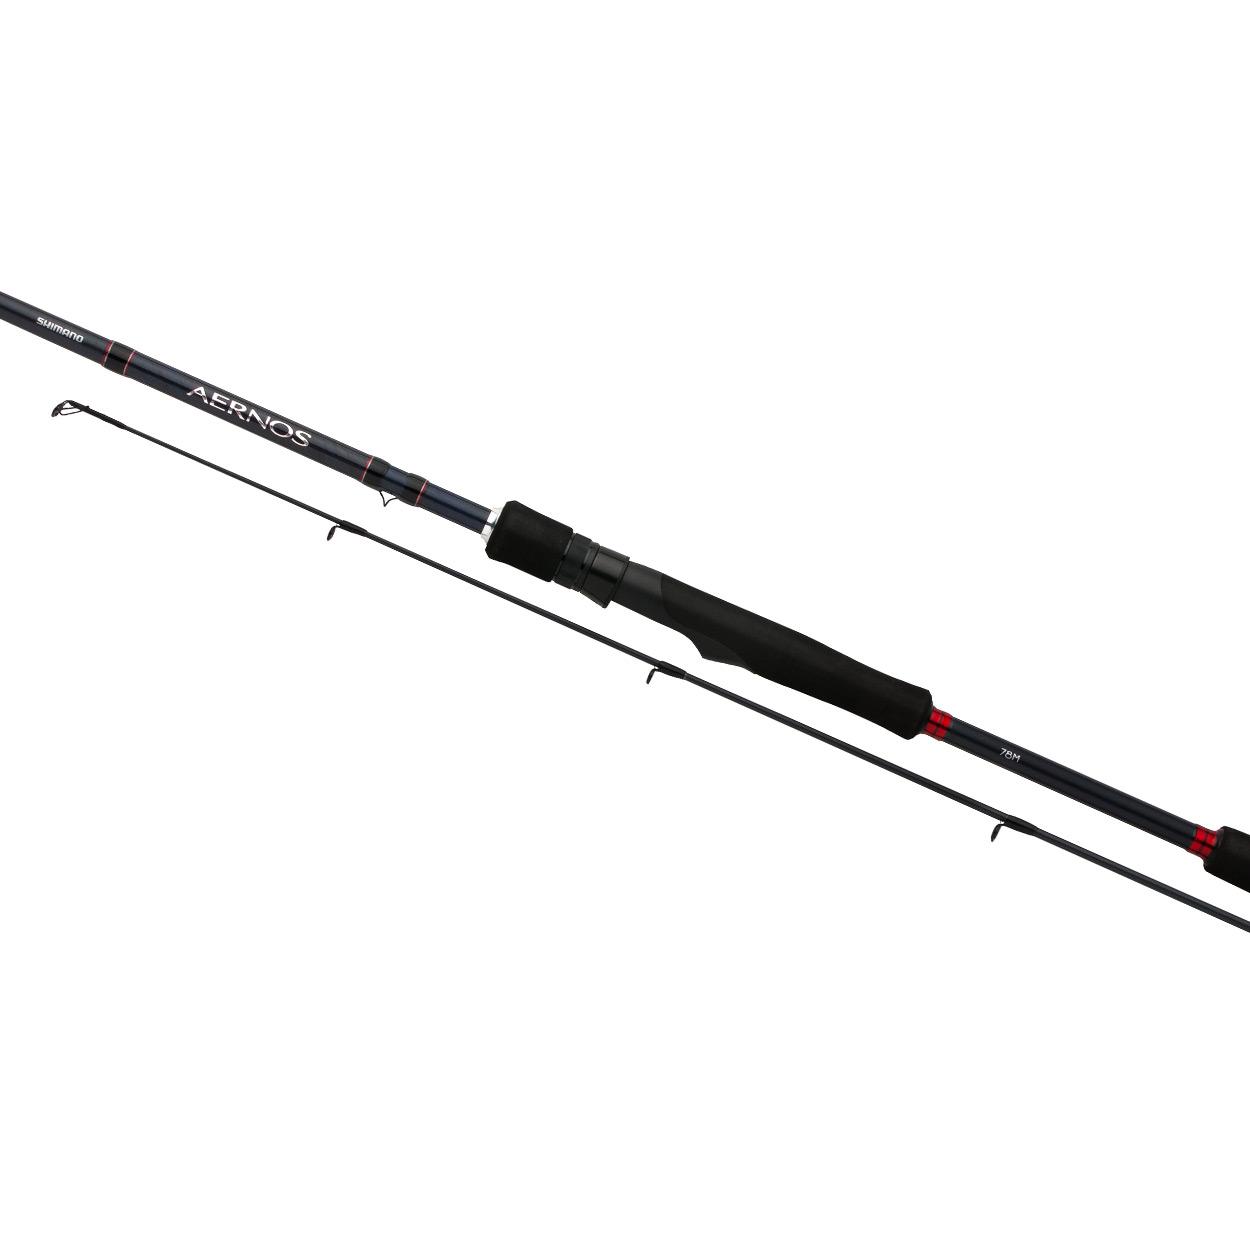 Удилище спиннинговое SHIMANO AERNOS AX SPIN 9`10 H (+ Леска в подарок!) запчасть shimano xt m770 9 ск 11 32